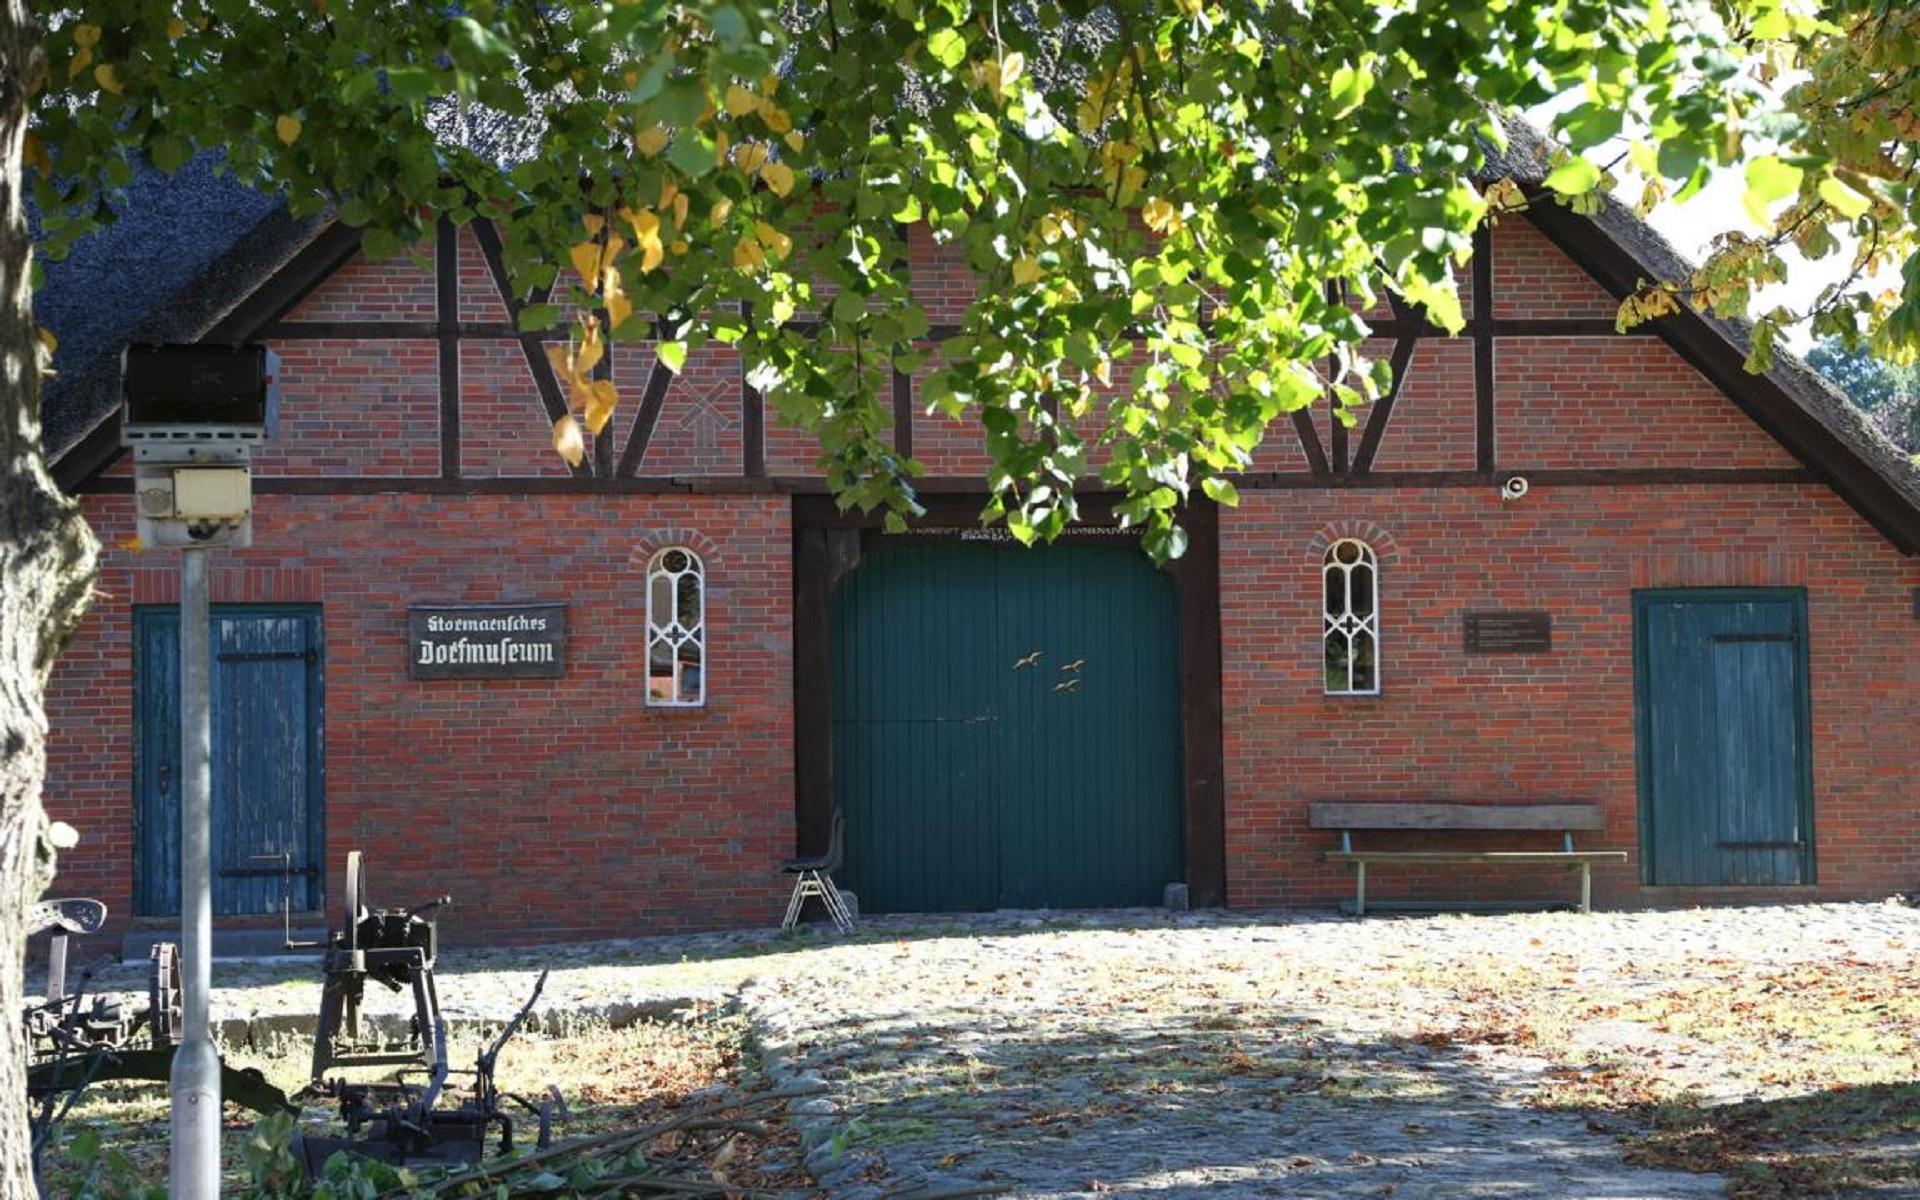 Dorfmuseum seitlich